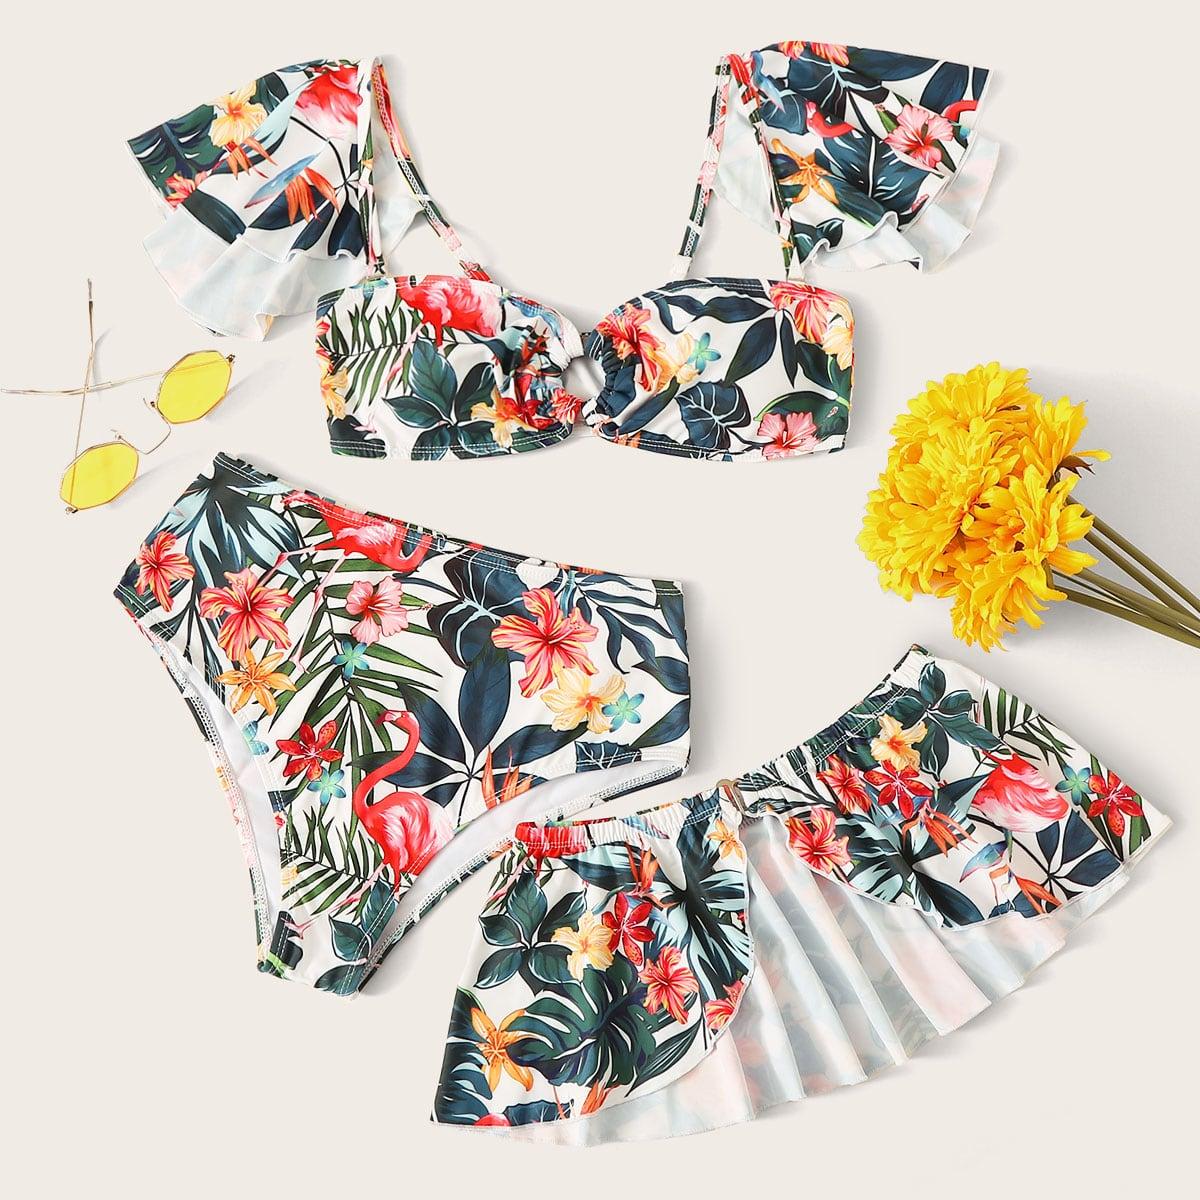 Тропическая пляжная юбка и бикини с открытыми плечами 3 пакета